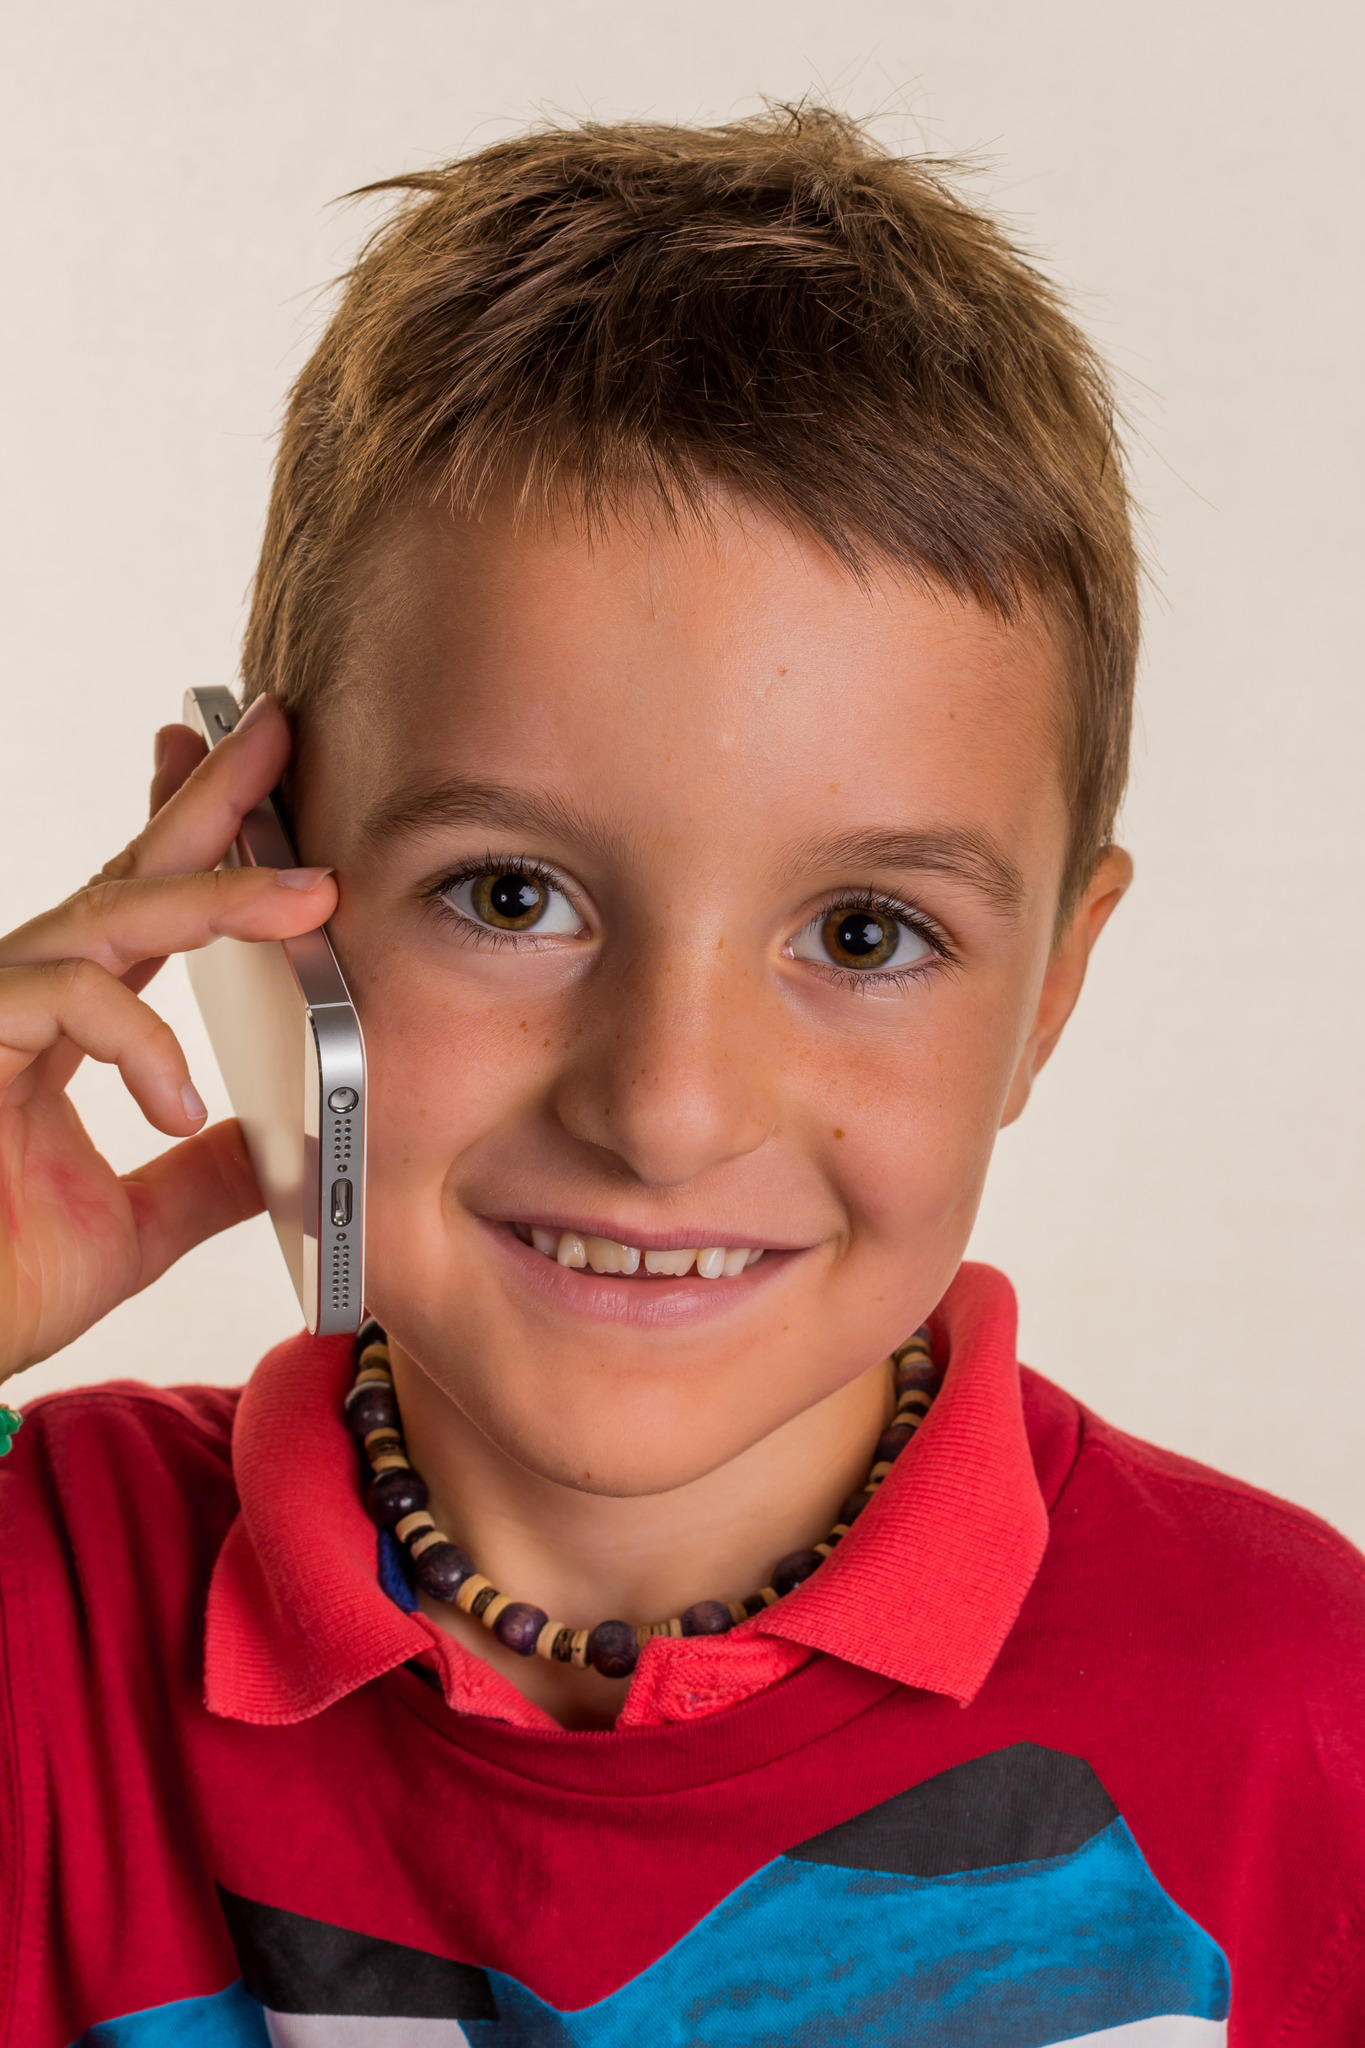 Gut verbunden: Wann Kinder ein Handy brauchen - Graz